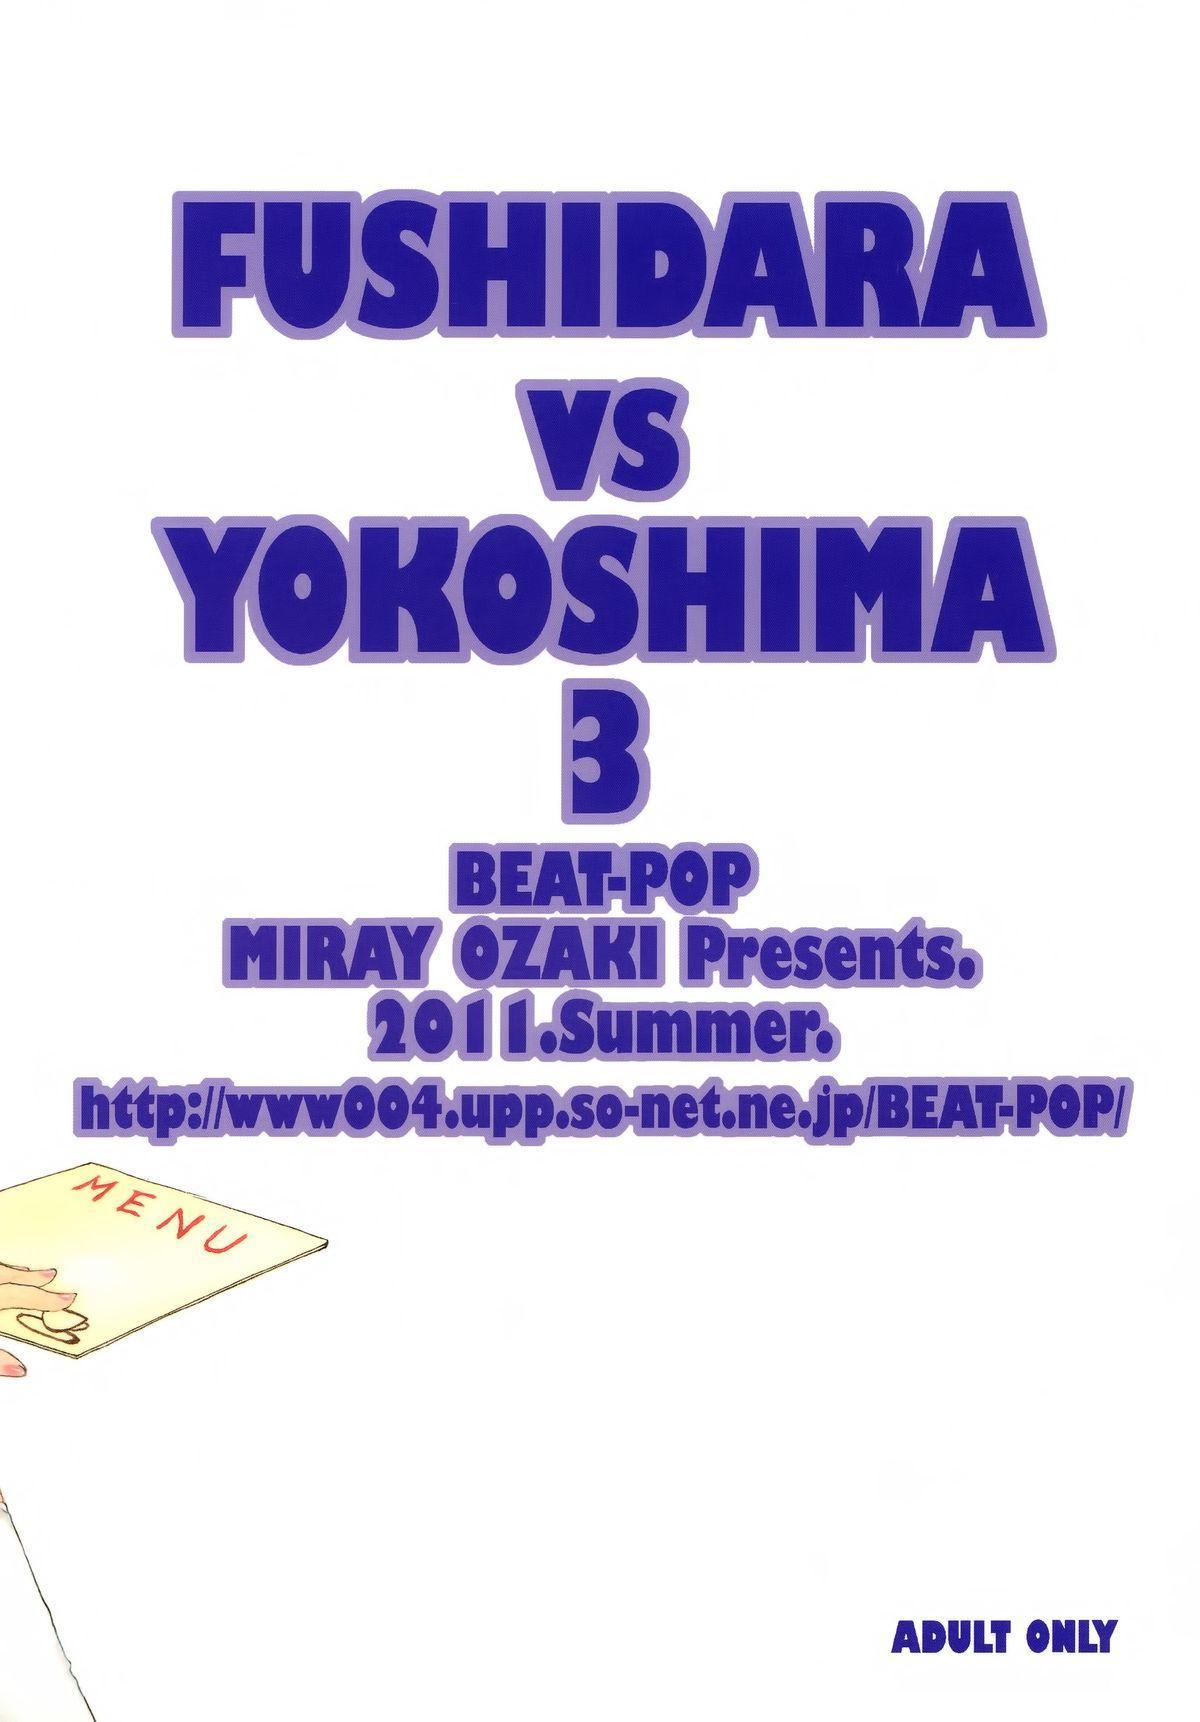 FUSHIDARA vs YOKOSHIMA 3 30